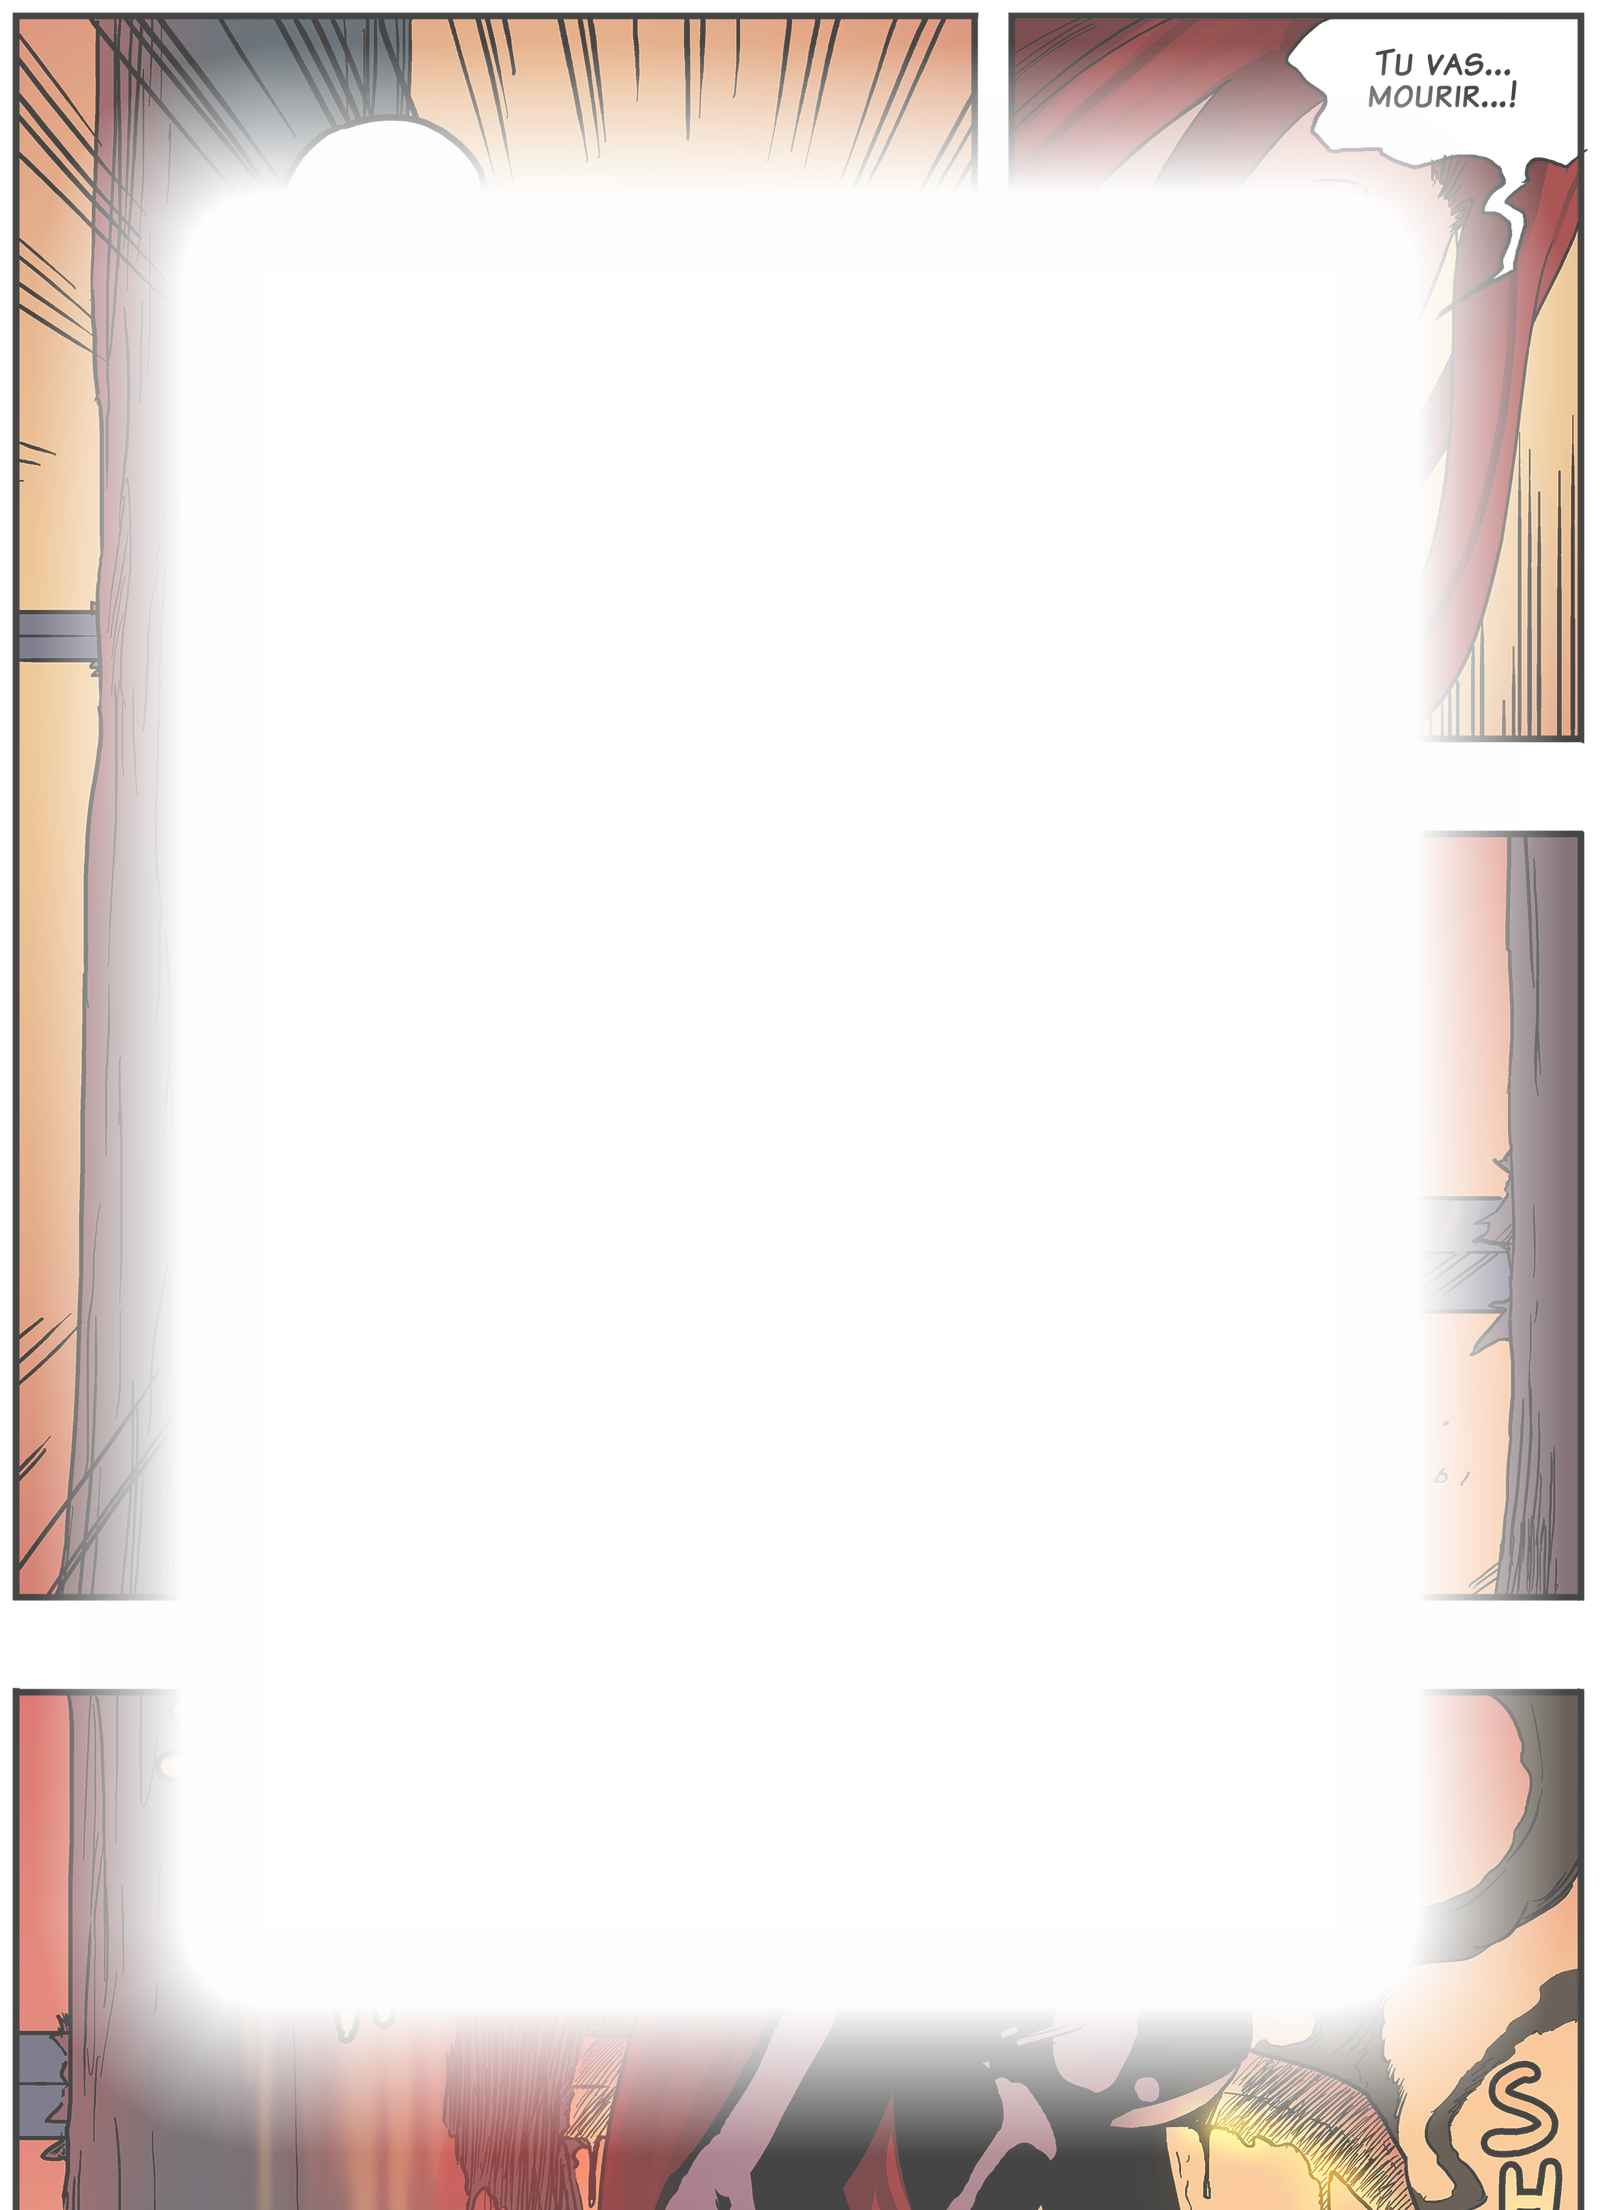 Hémisphères : Chapitre 11 page 4